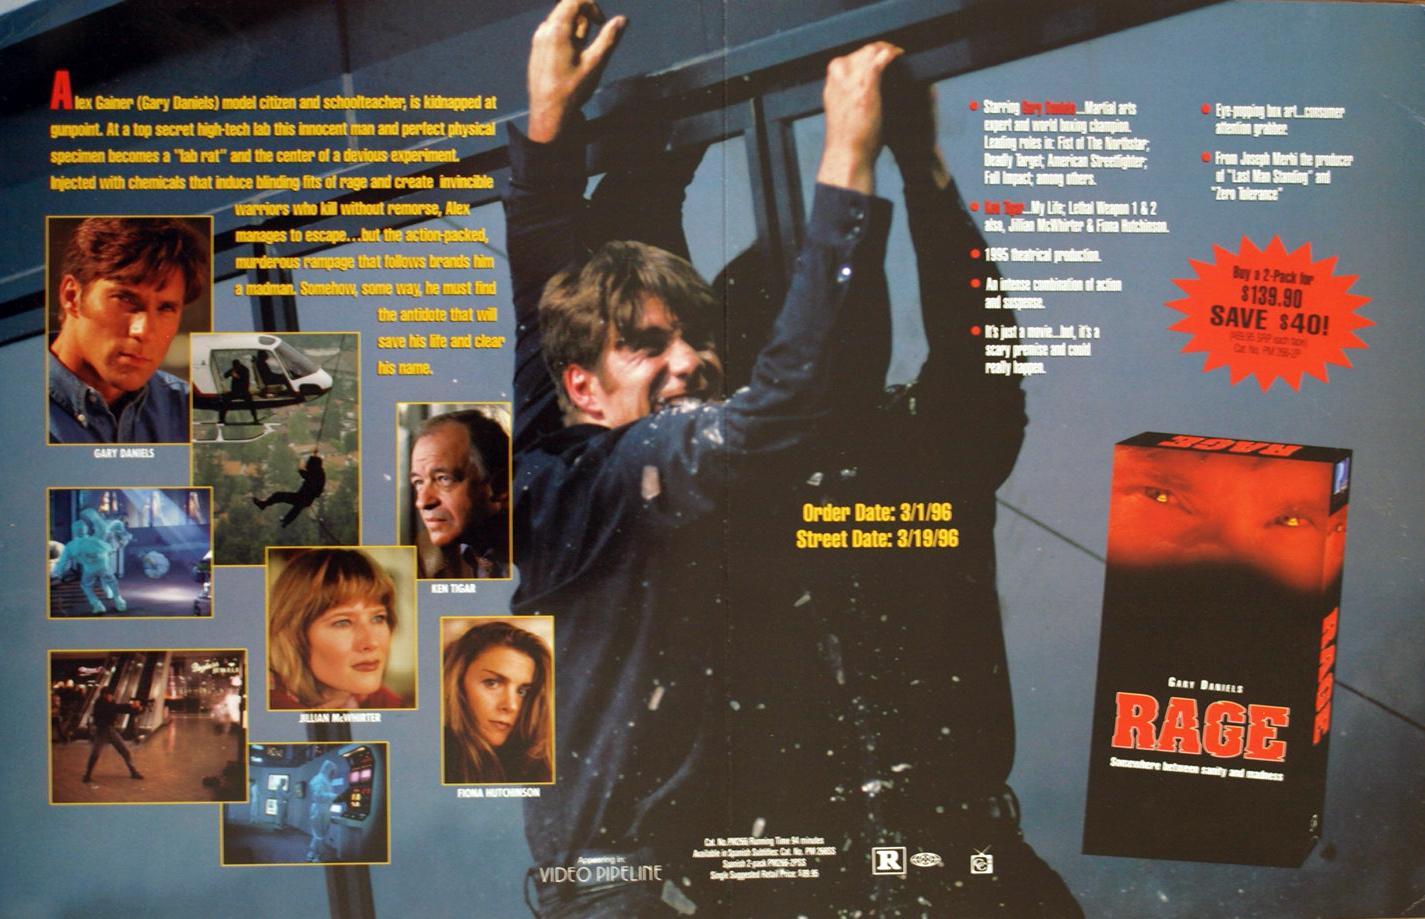 Rage 1995